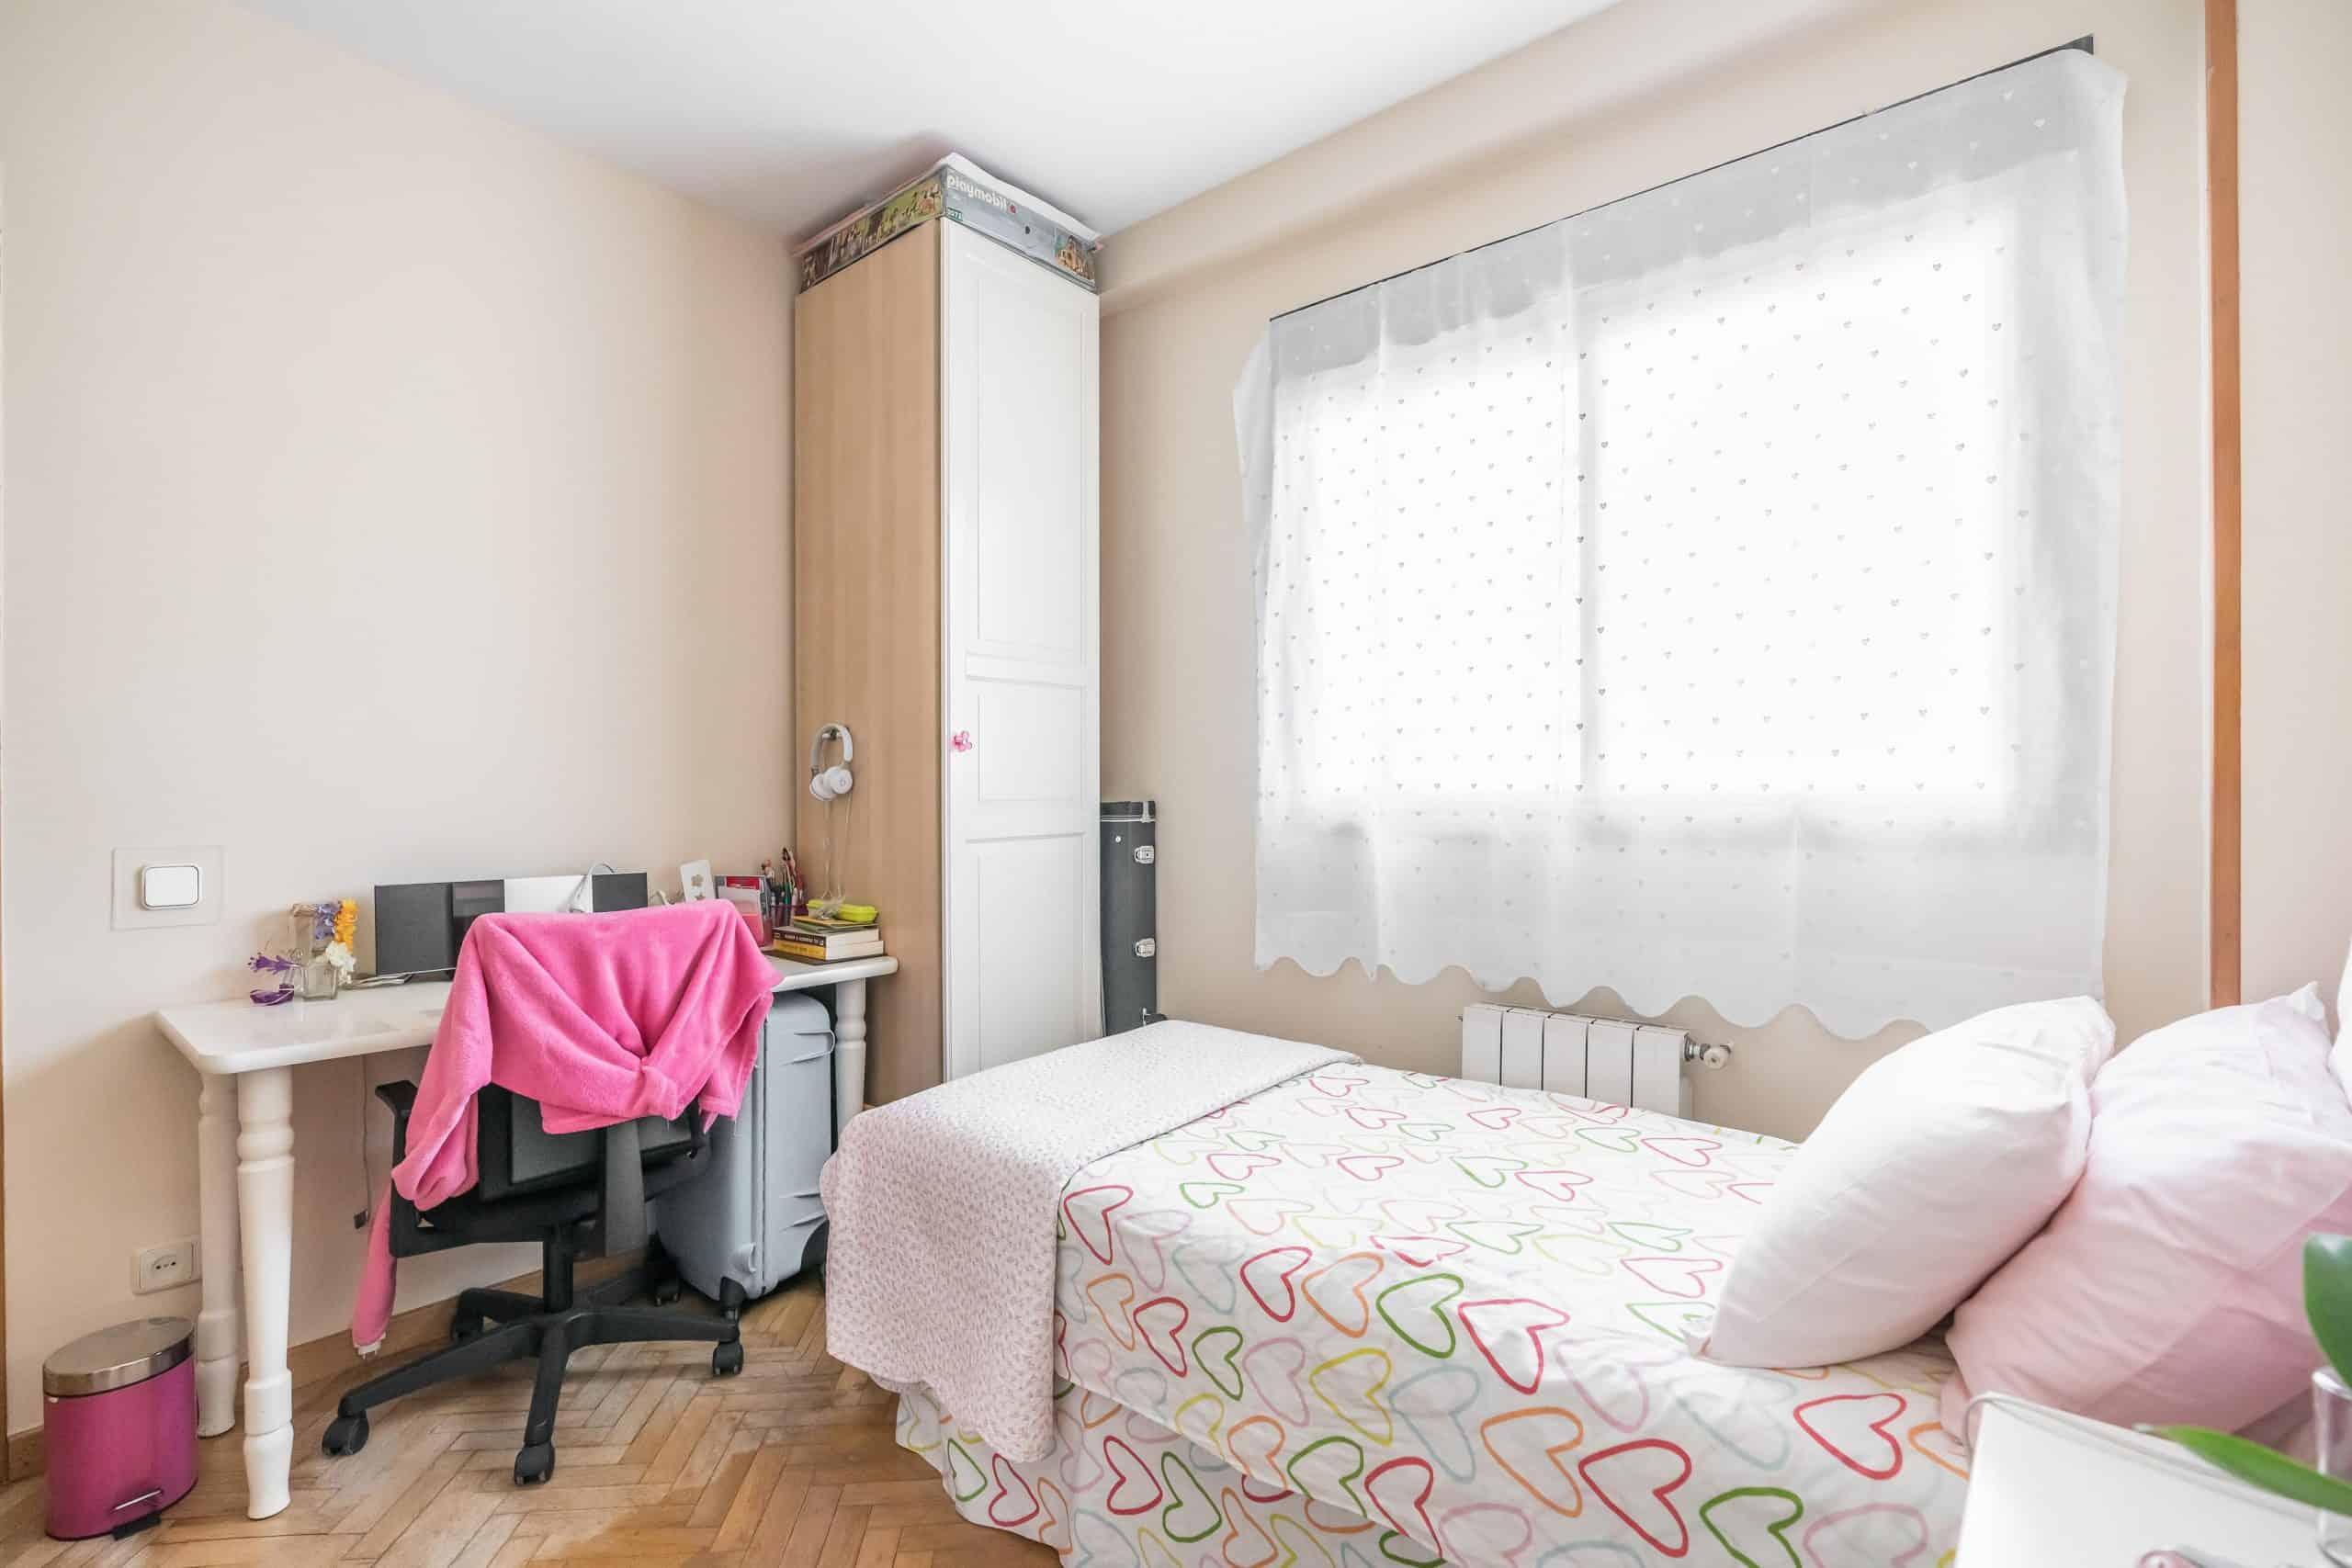 Agencia Inmobiliaria de Madrid-FUTUROCASA-Zona ARGANZUELA-EMBAJADORES-LEGAZPI2 DORMITORIO 2 (2)